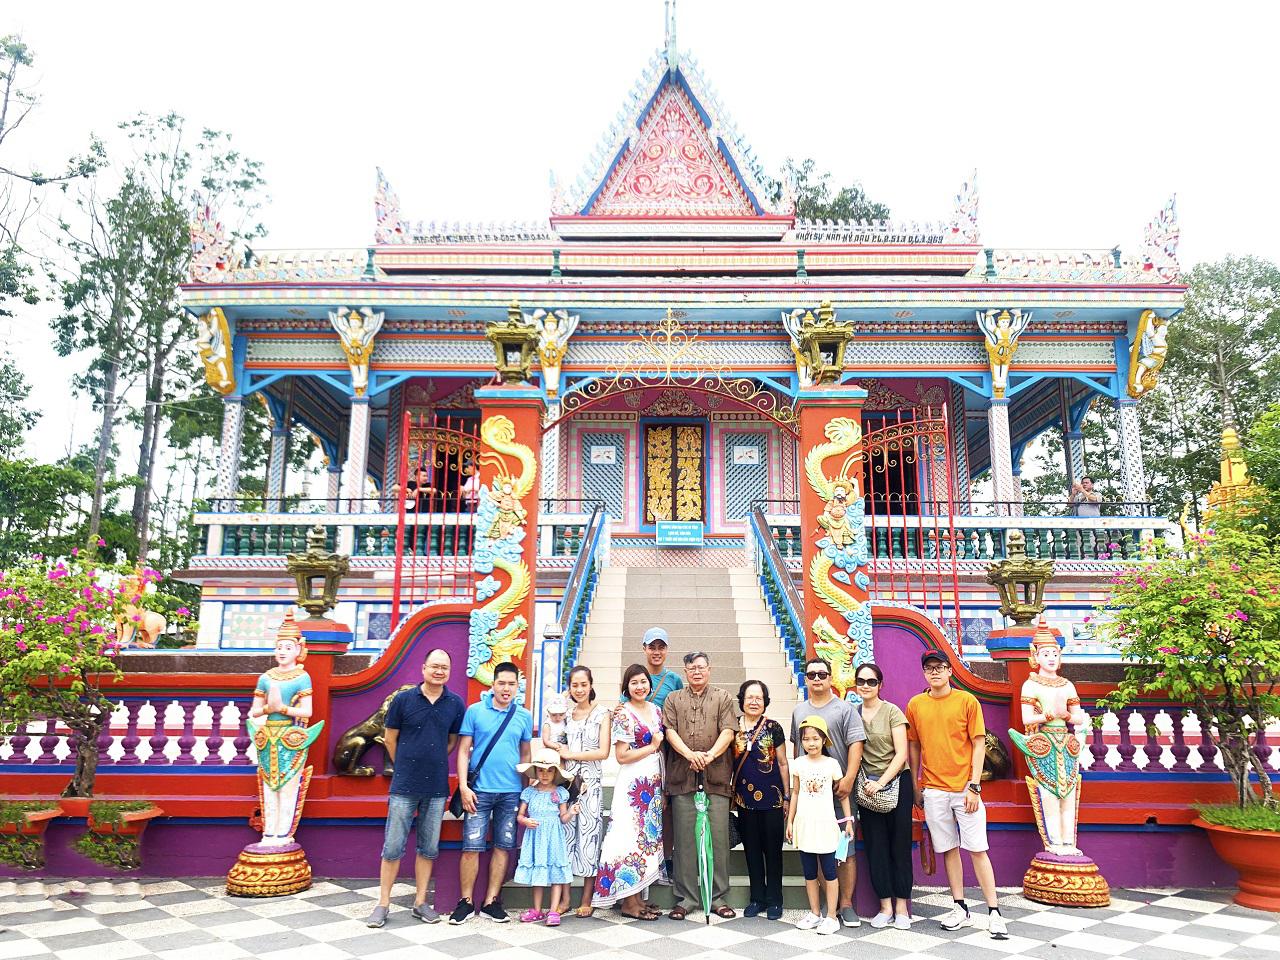 Viếng chùa Chén Kiểu Sóc Trăng - tour Cần Thơ Cà Mau 3 ngày 2 đêm